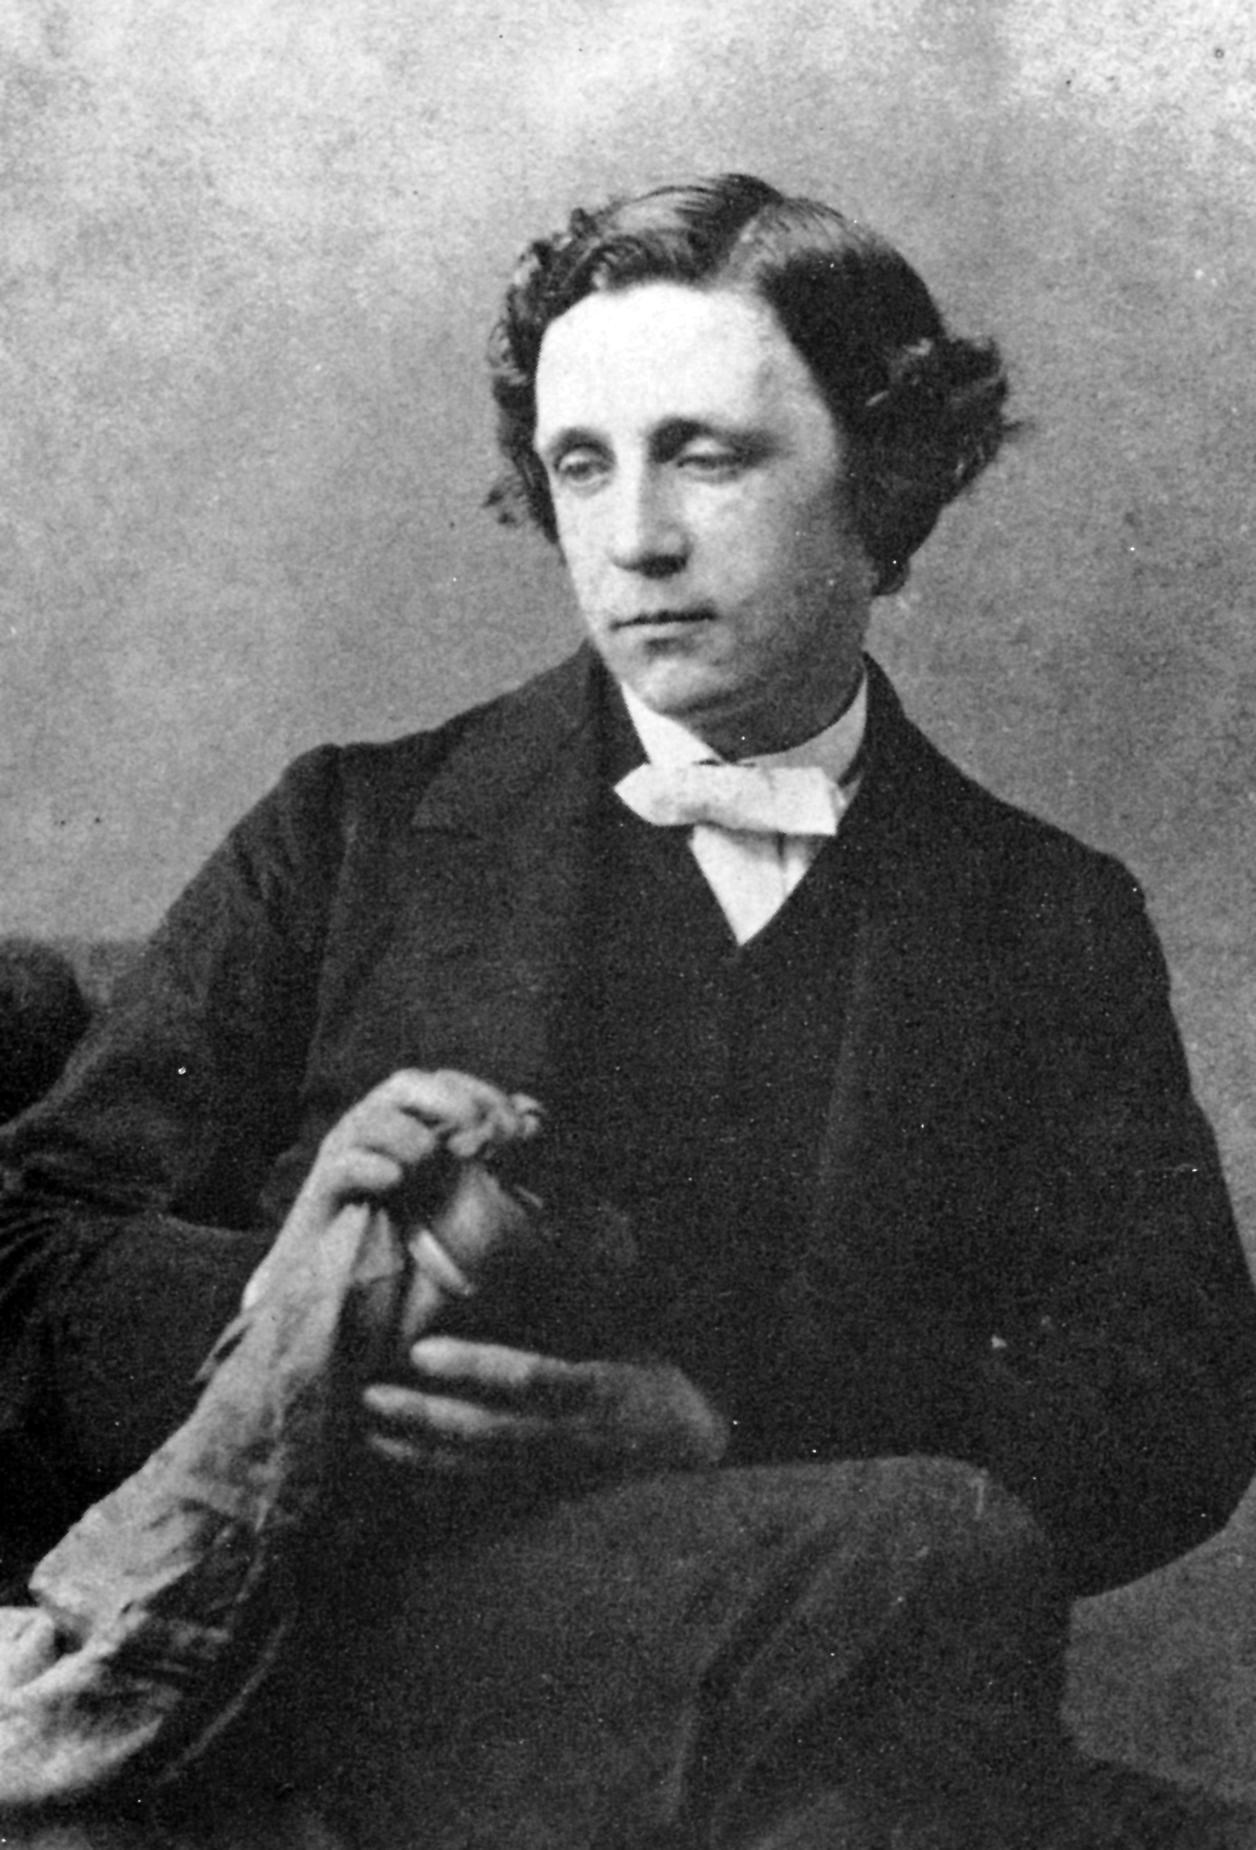 Lewis Carroll (Wikipedia)